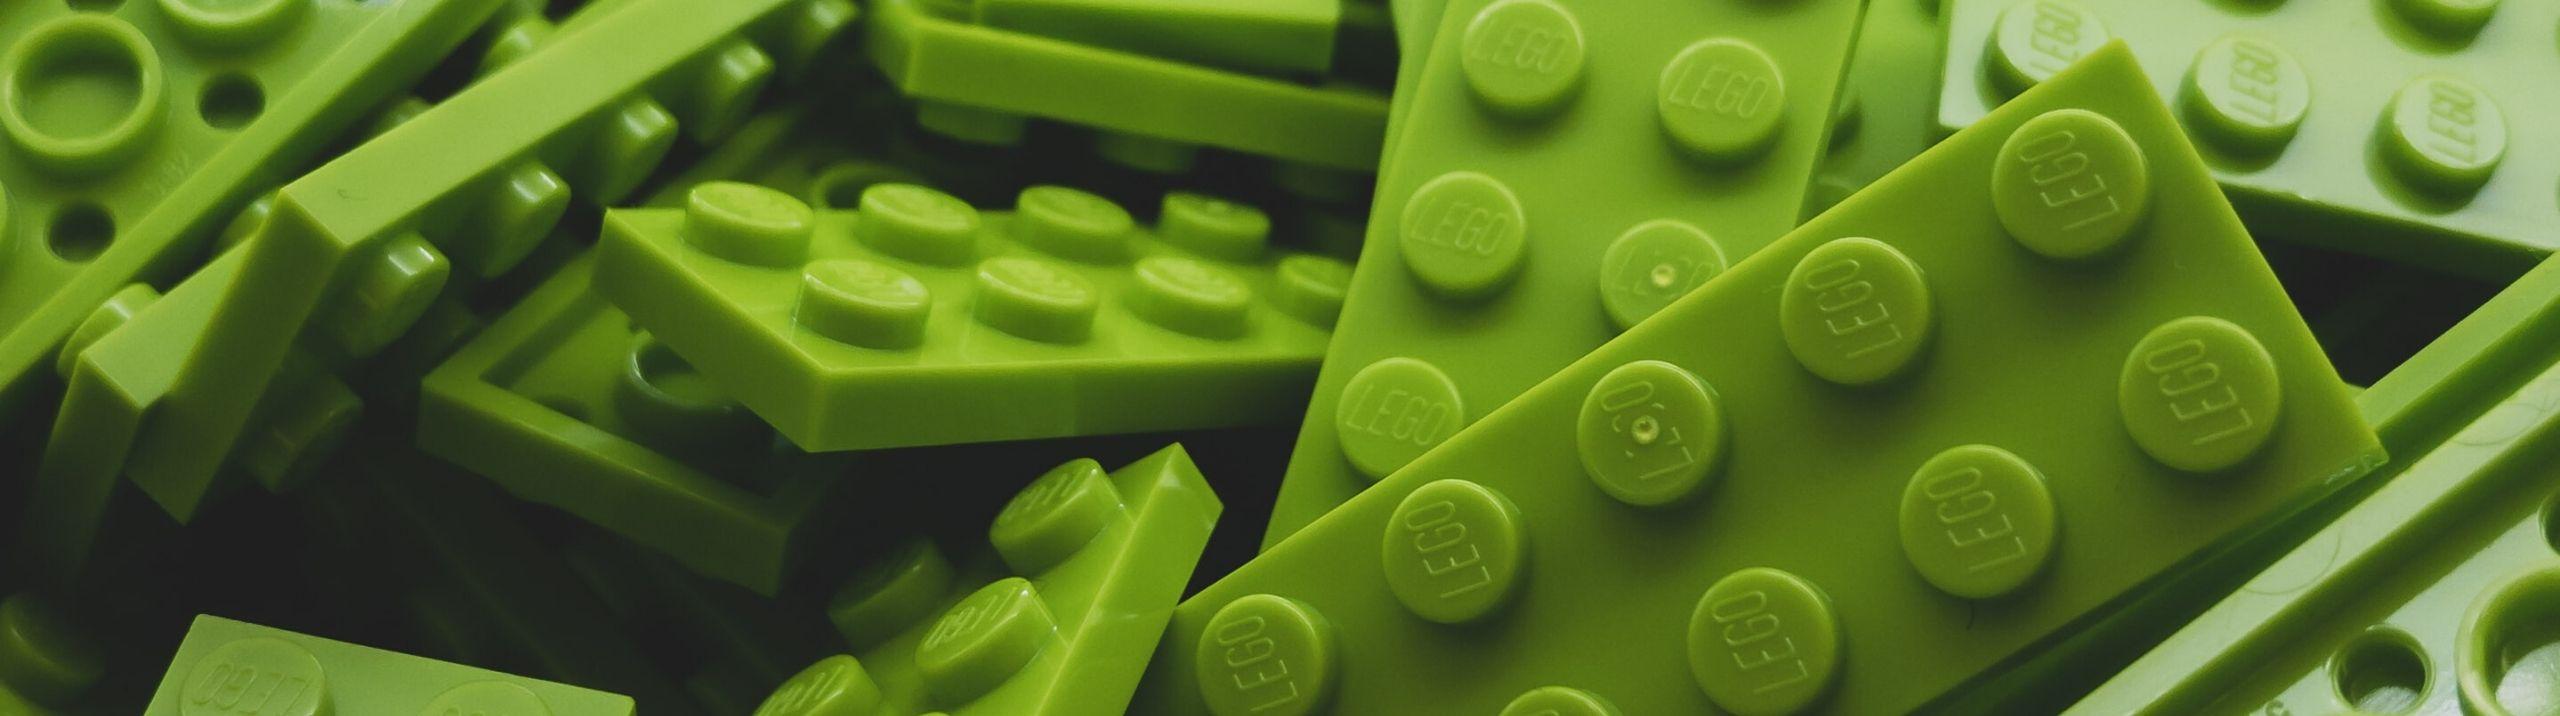 Des blocs Lego verts.